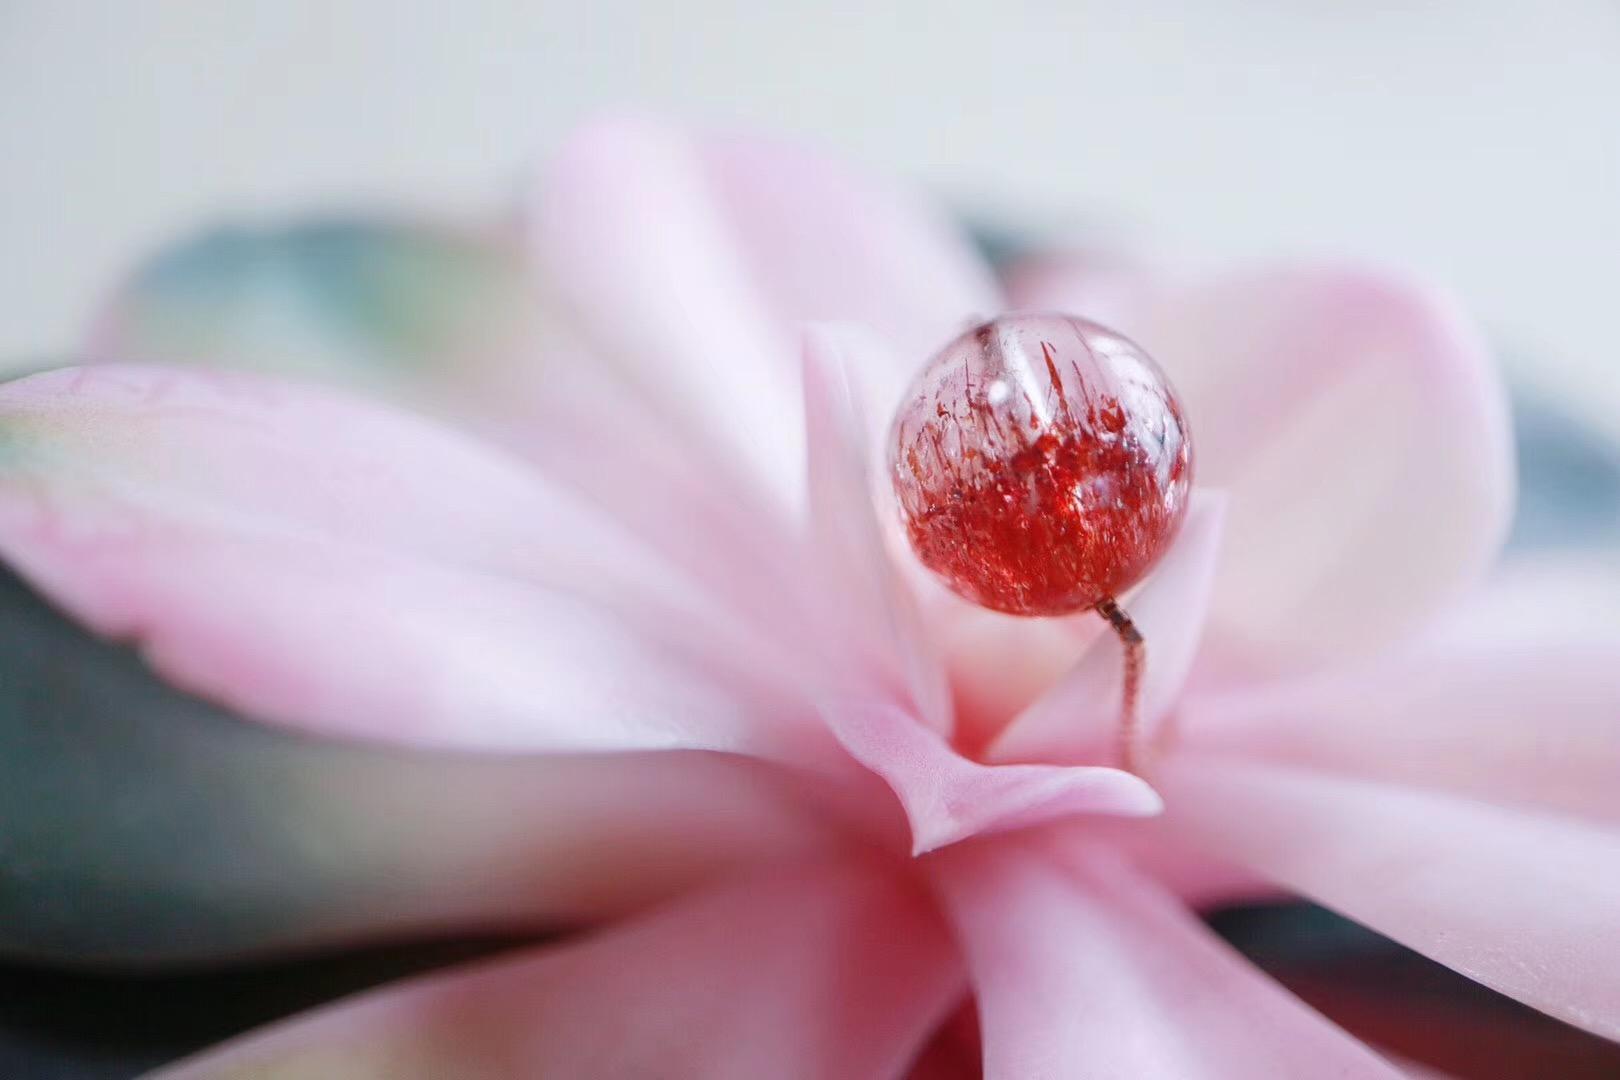 【菩心 | 超七金草莓晶聚宝盆】美化你的生活,丰富你的创造~~-菩心晶舍